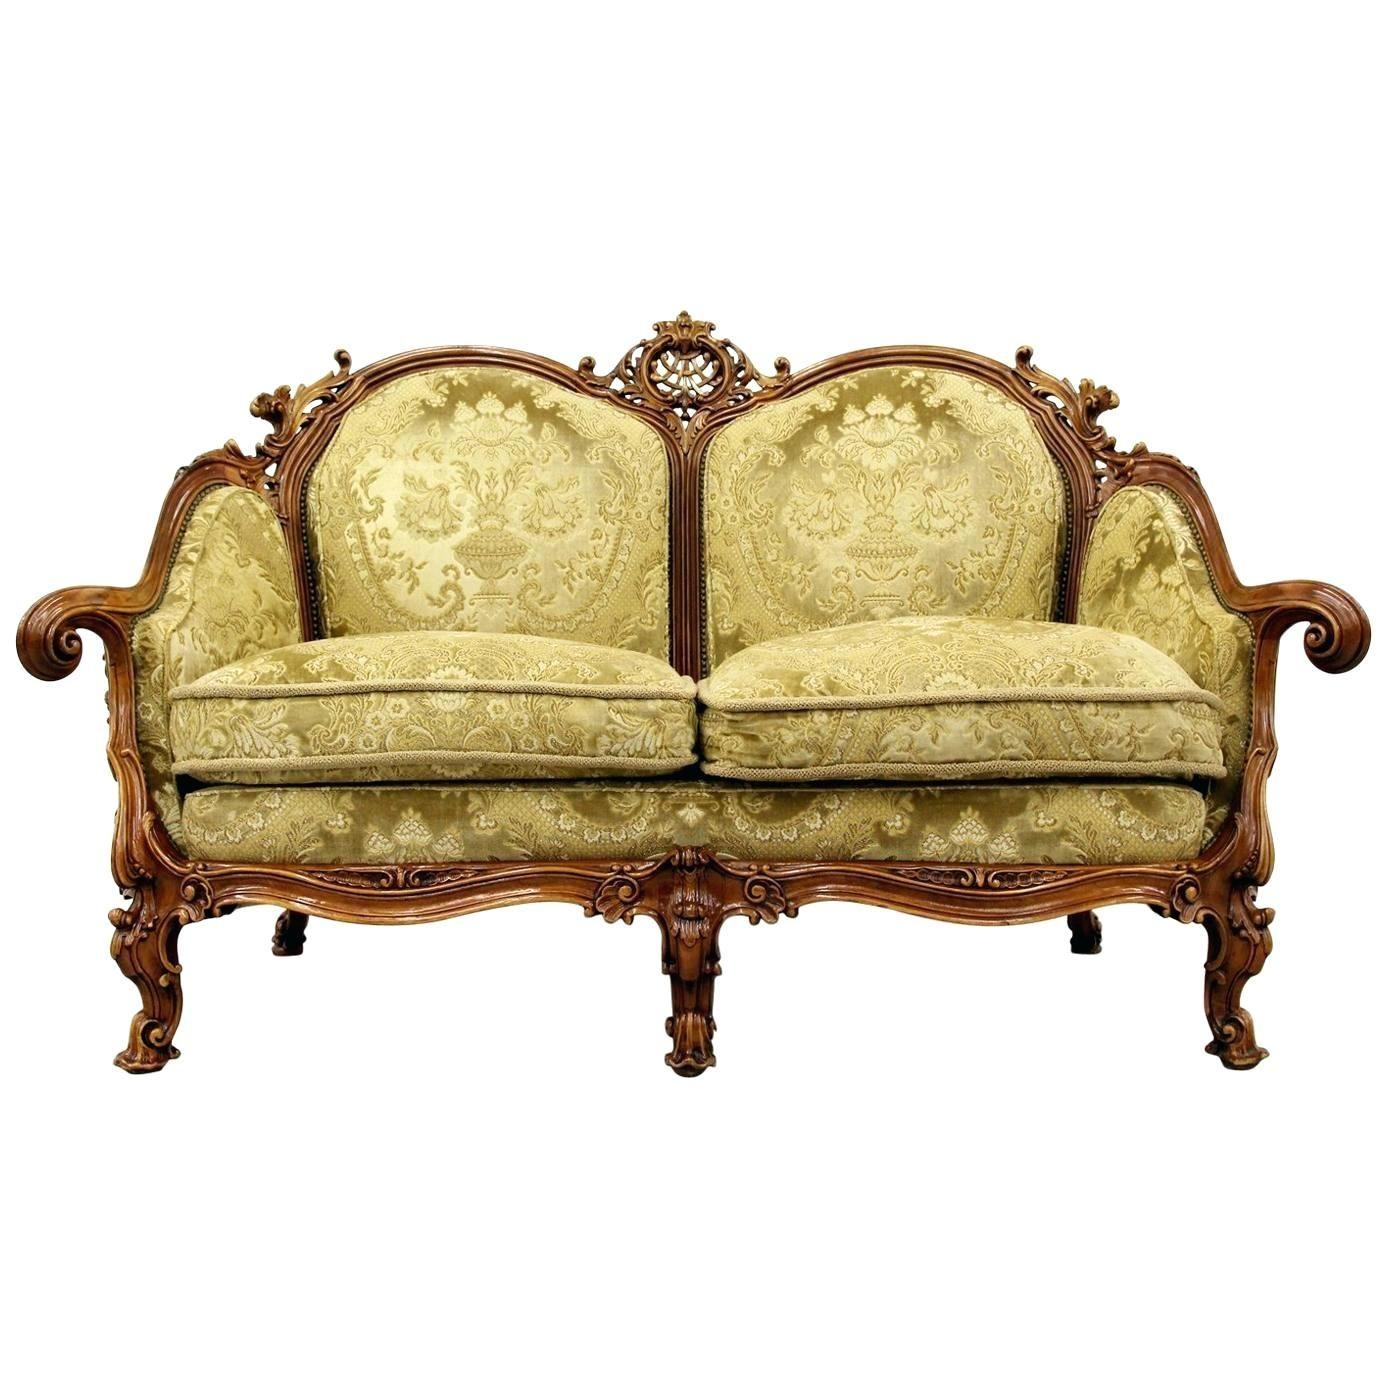 71 Klassisch Antik Leder Couch Dengan Gambar